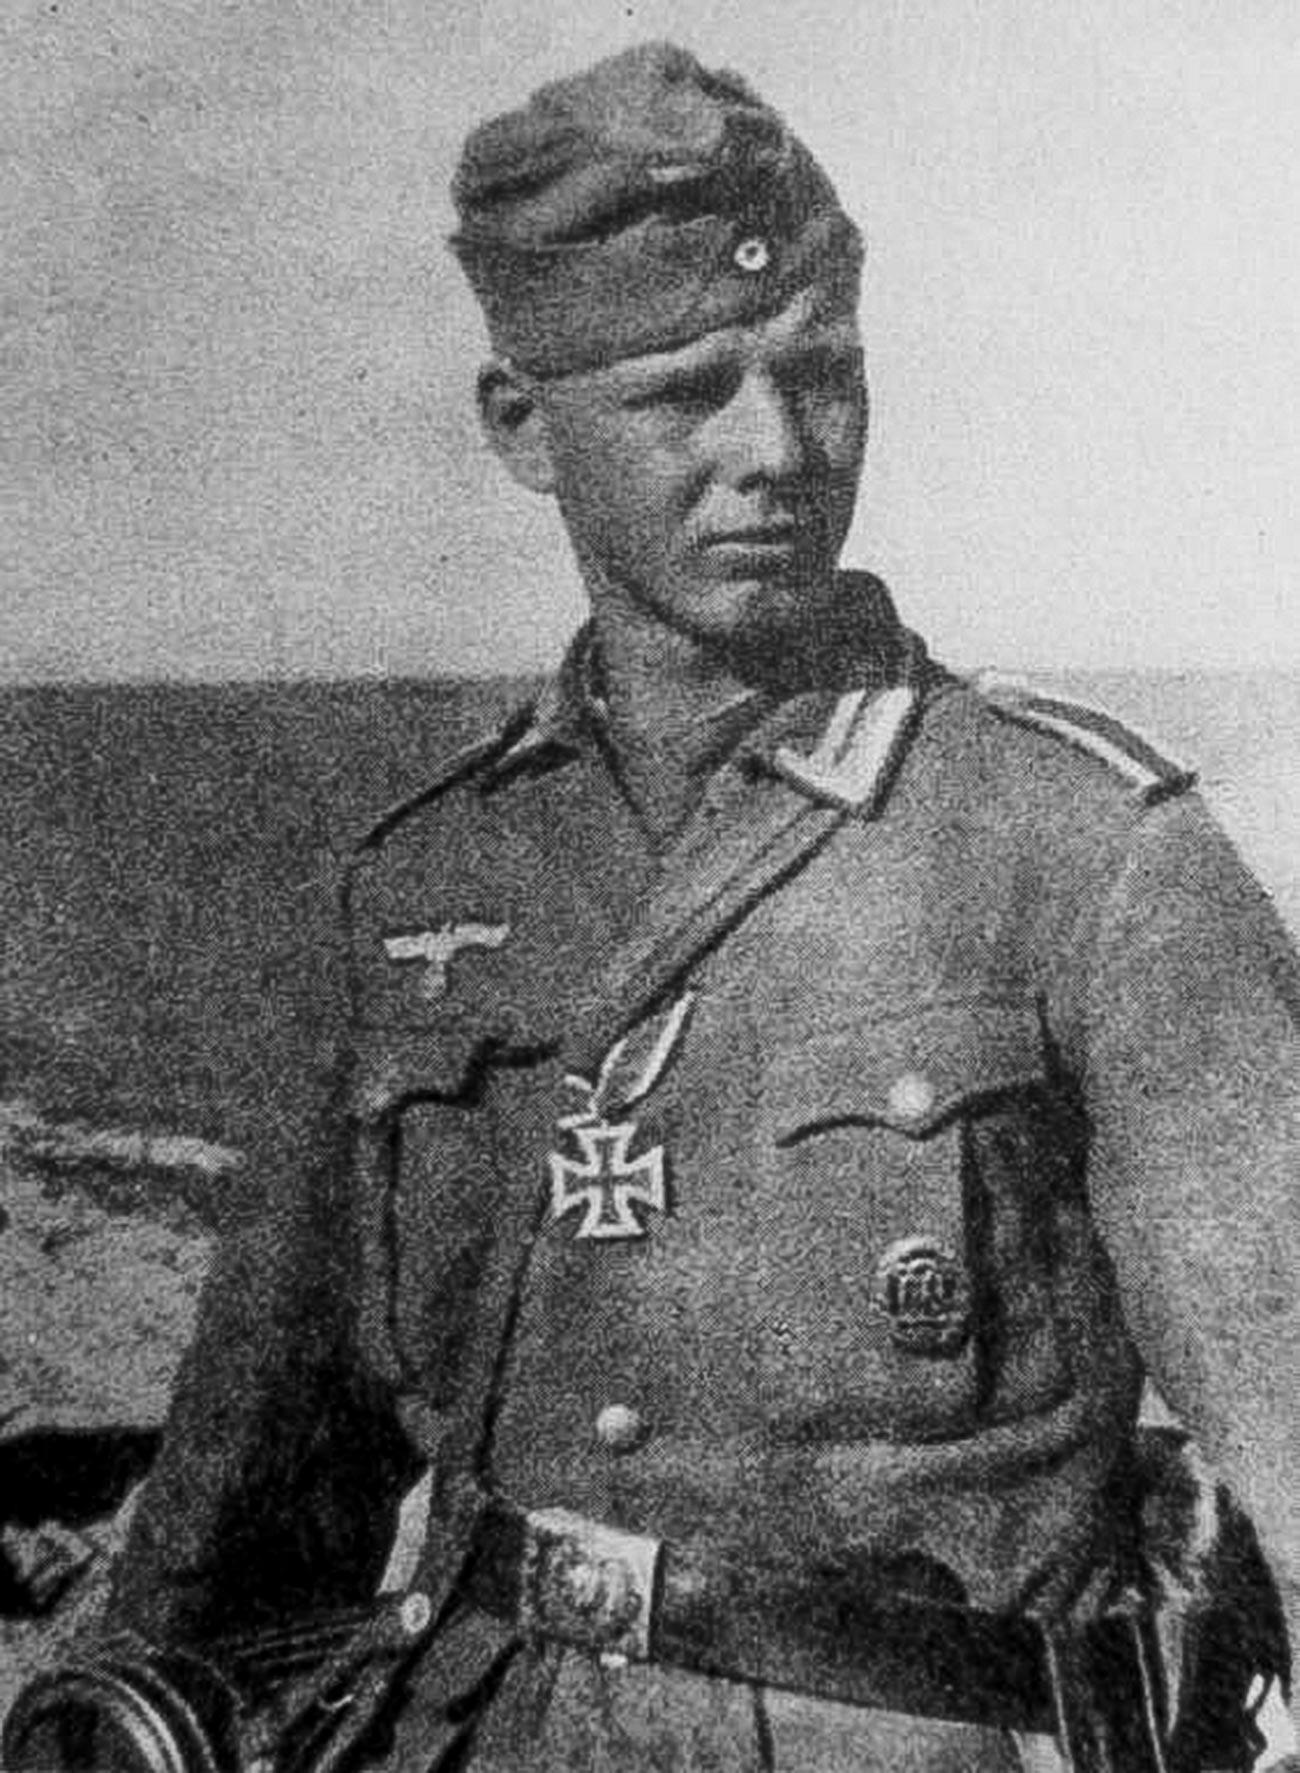 Хайнц Хитлер